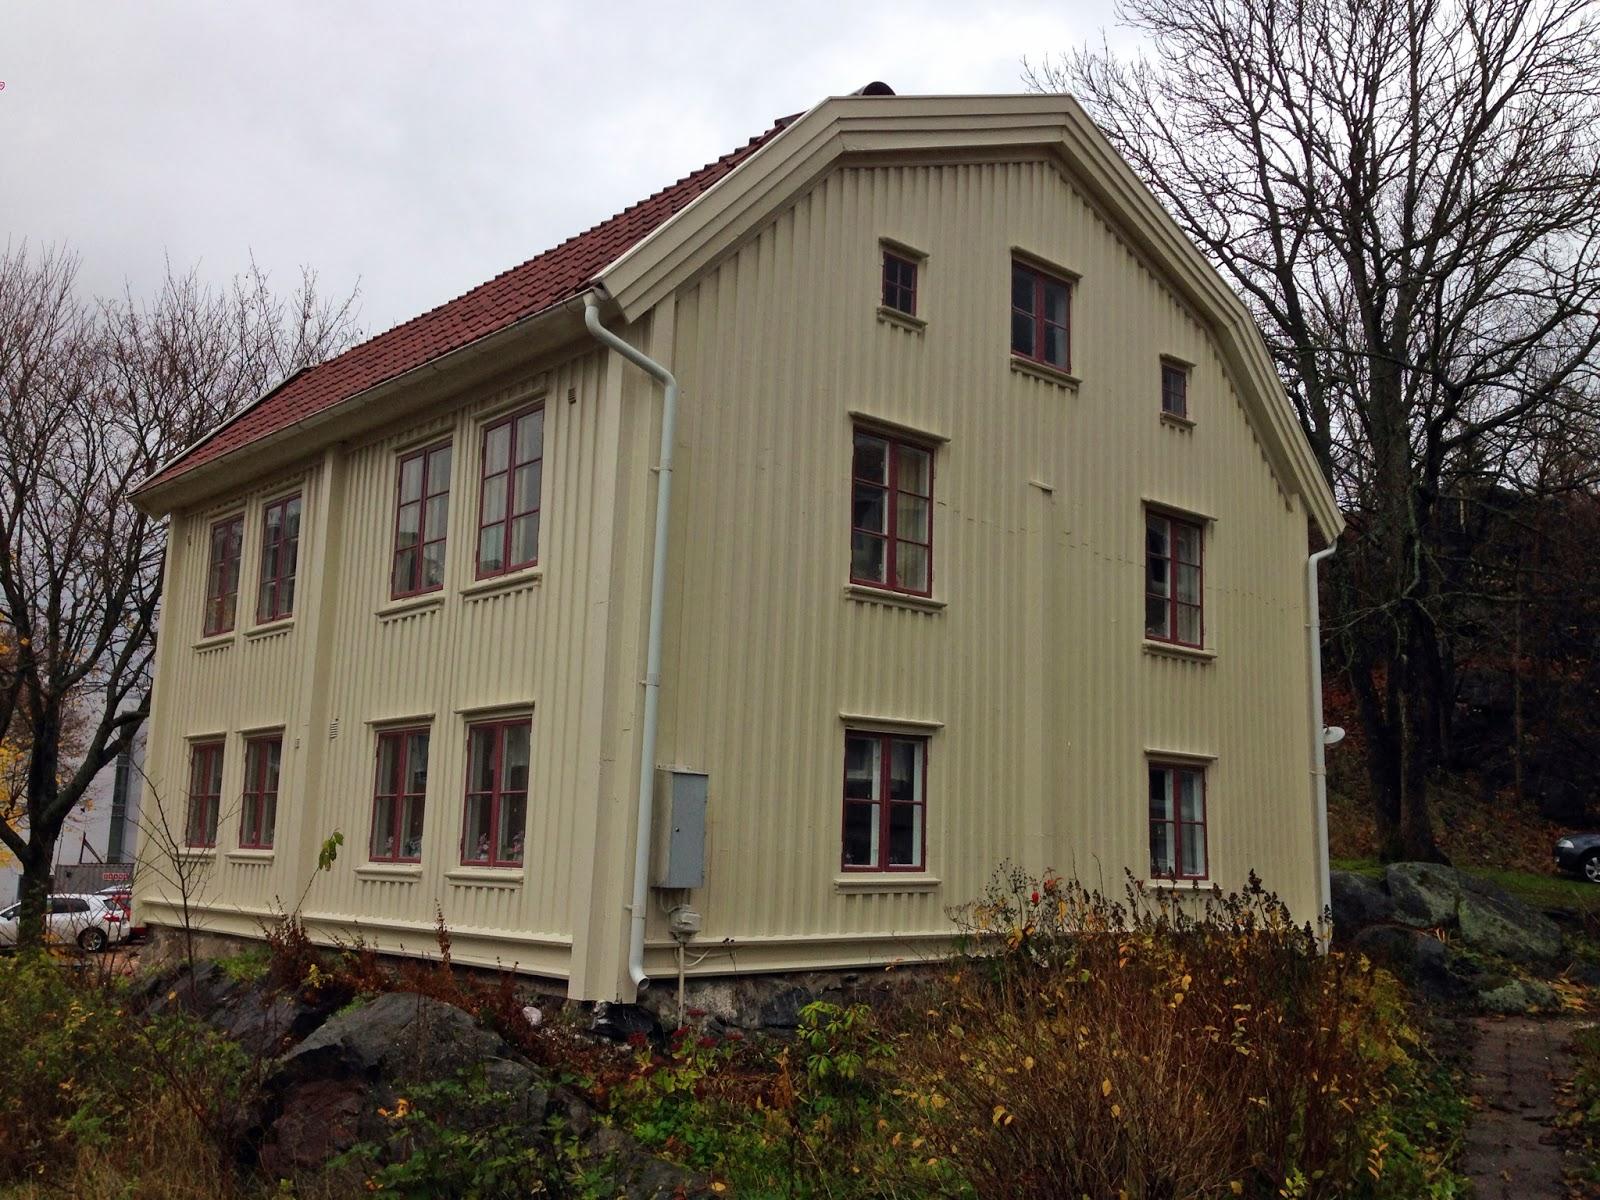 Wessmanska huset. Södra vägen 7